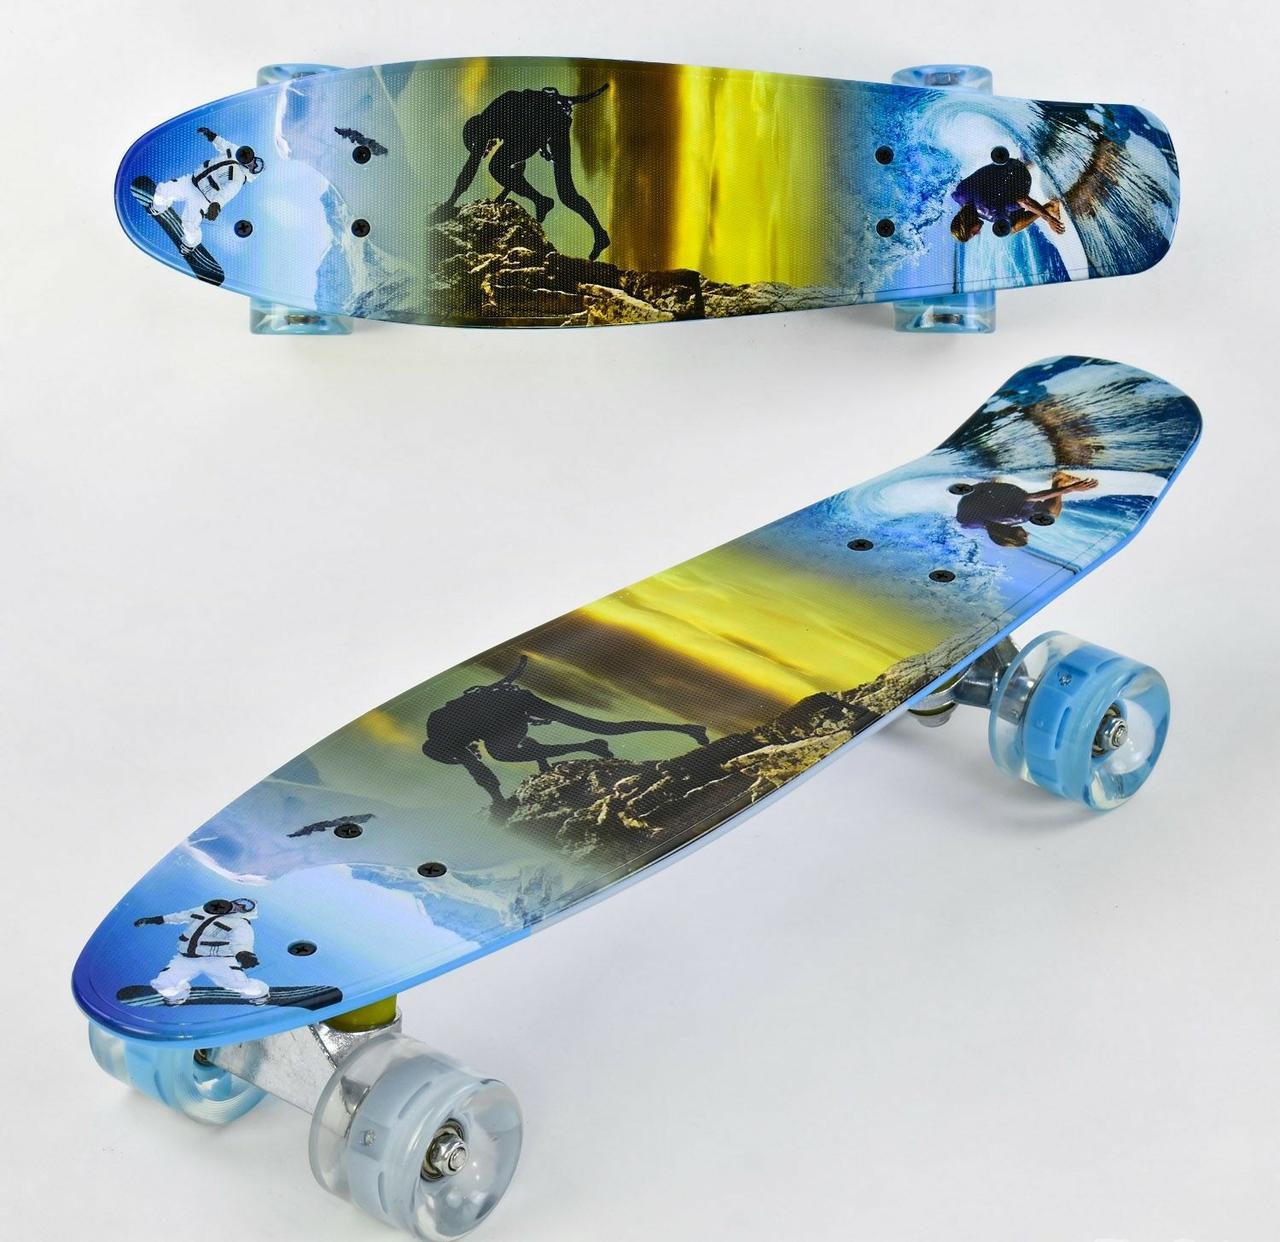 Скейт детский Penny board F 3270 Пенни борд со светящимися колесами